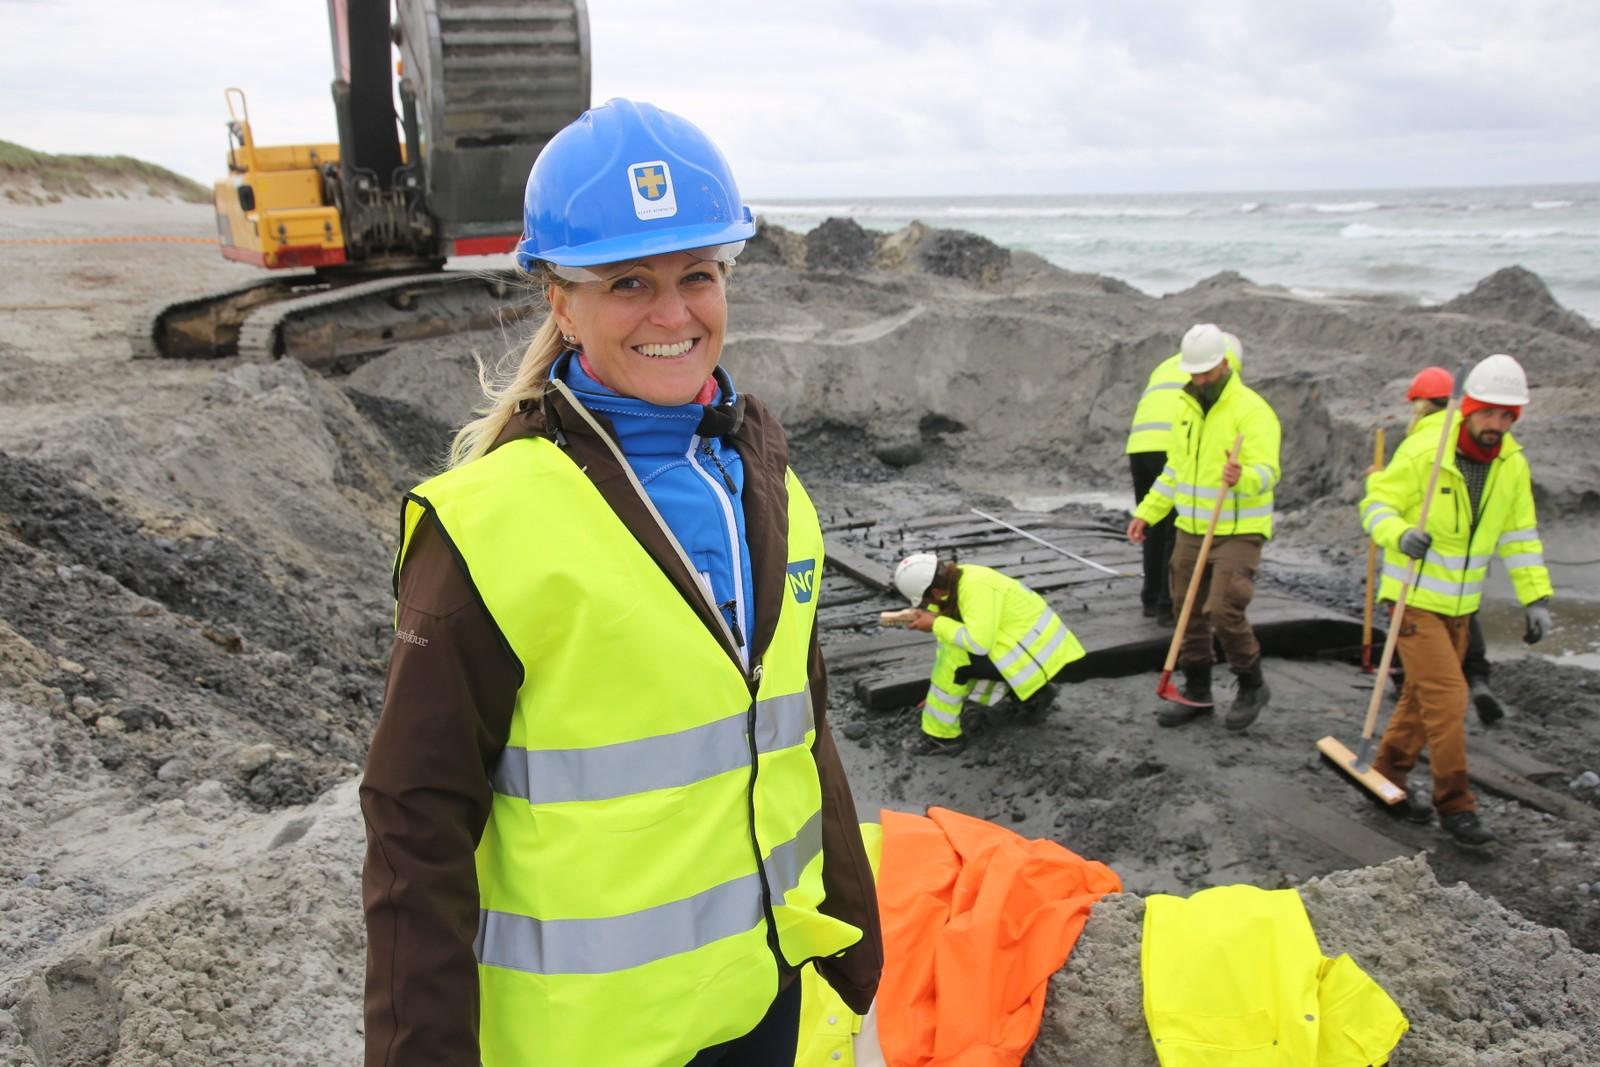 Ordfører Ane Mari Braut Nese i Klepp kommune var med på utgravingen på Orresanden.